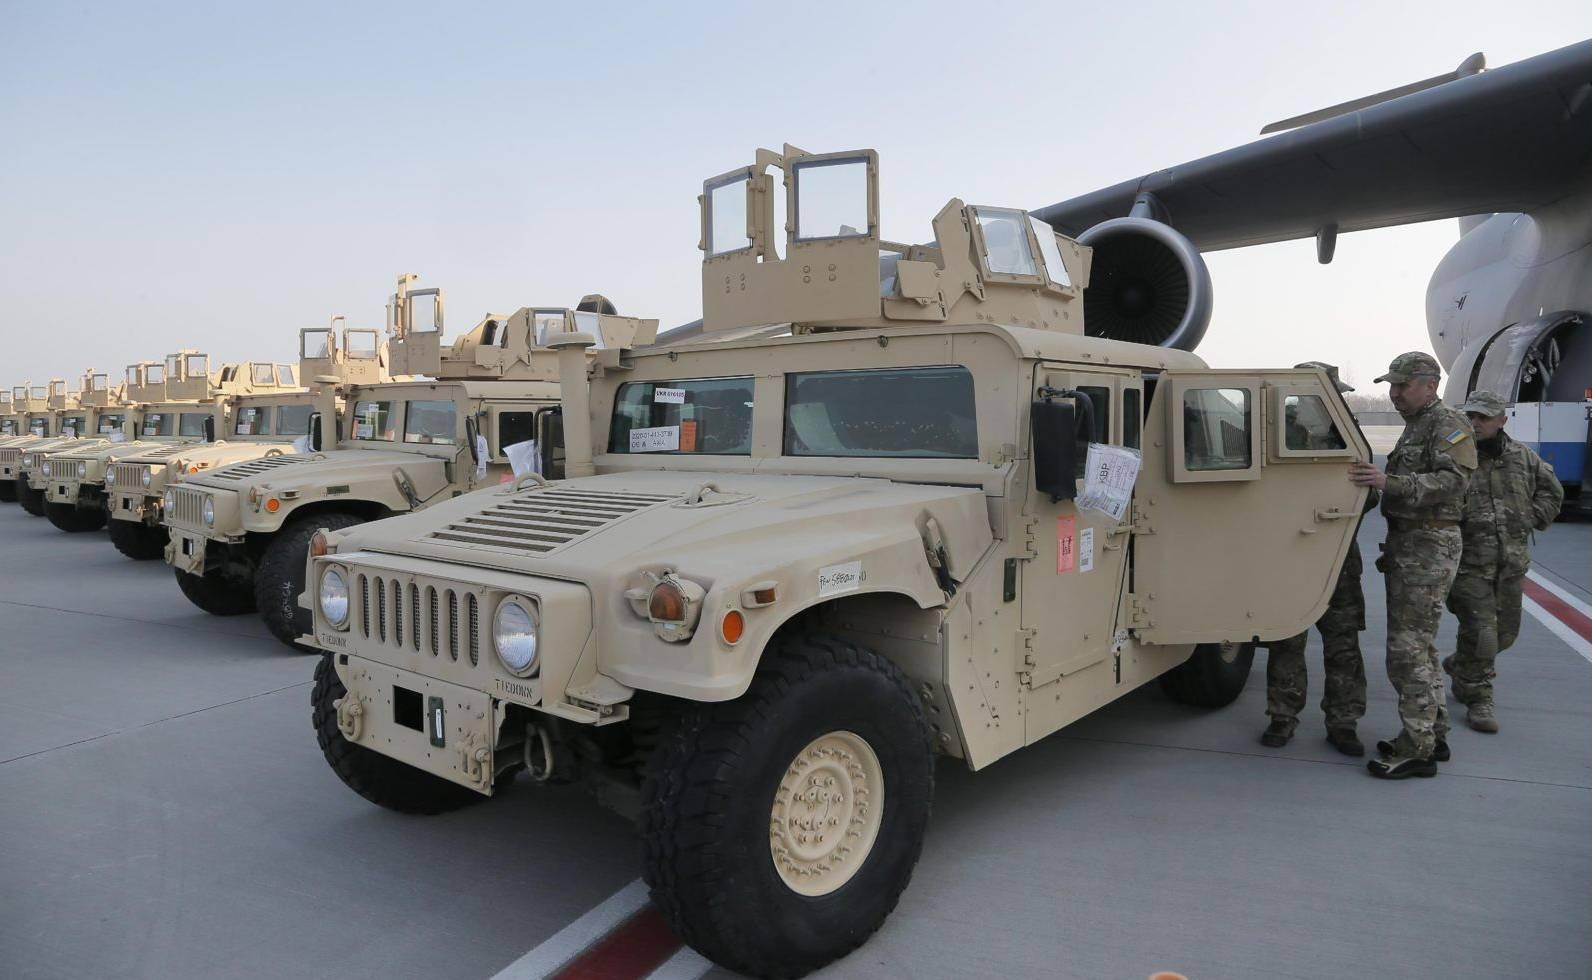 美称将增加对乌克兰武器供应 提供杀伤性武器